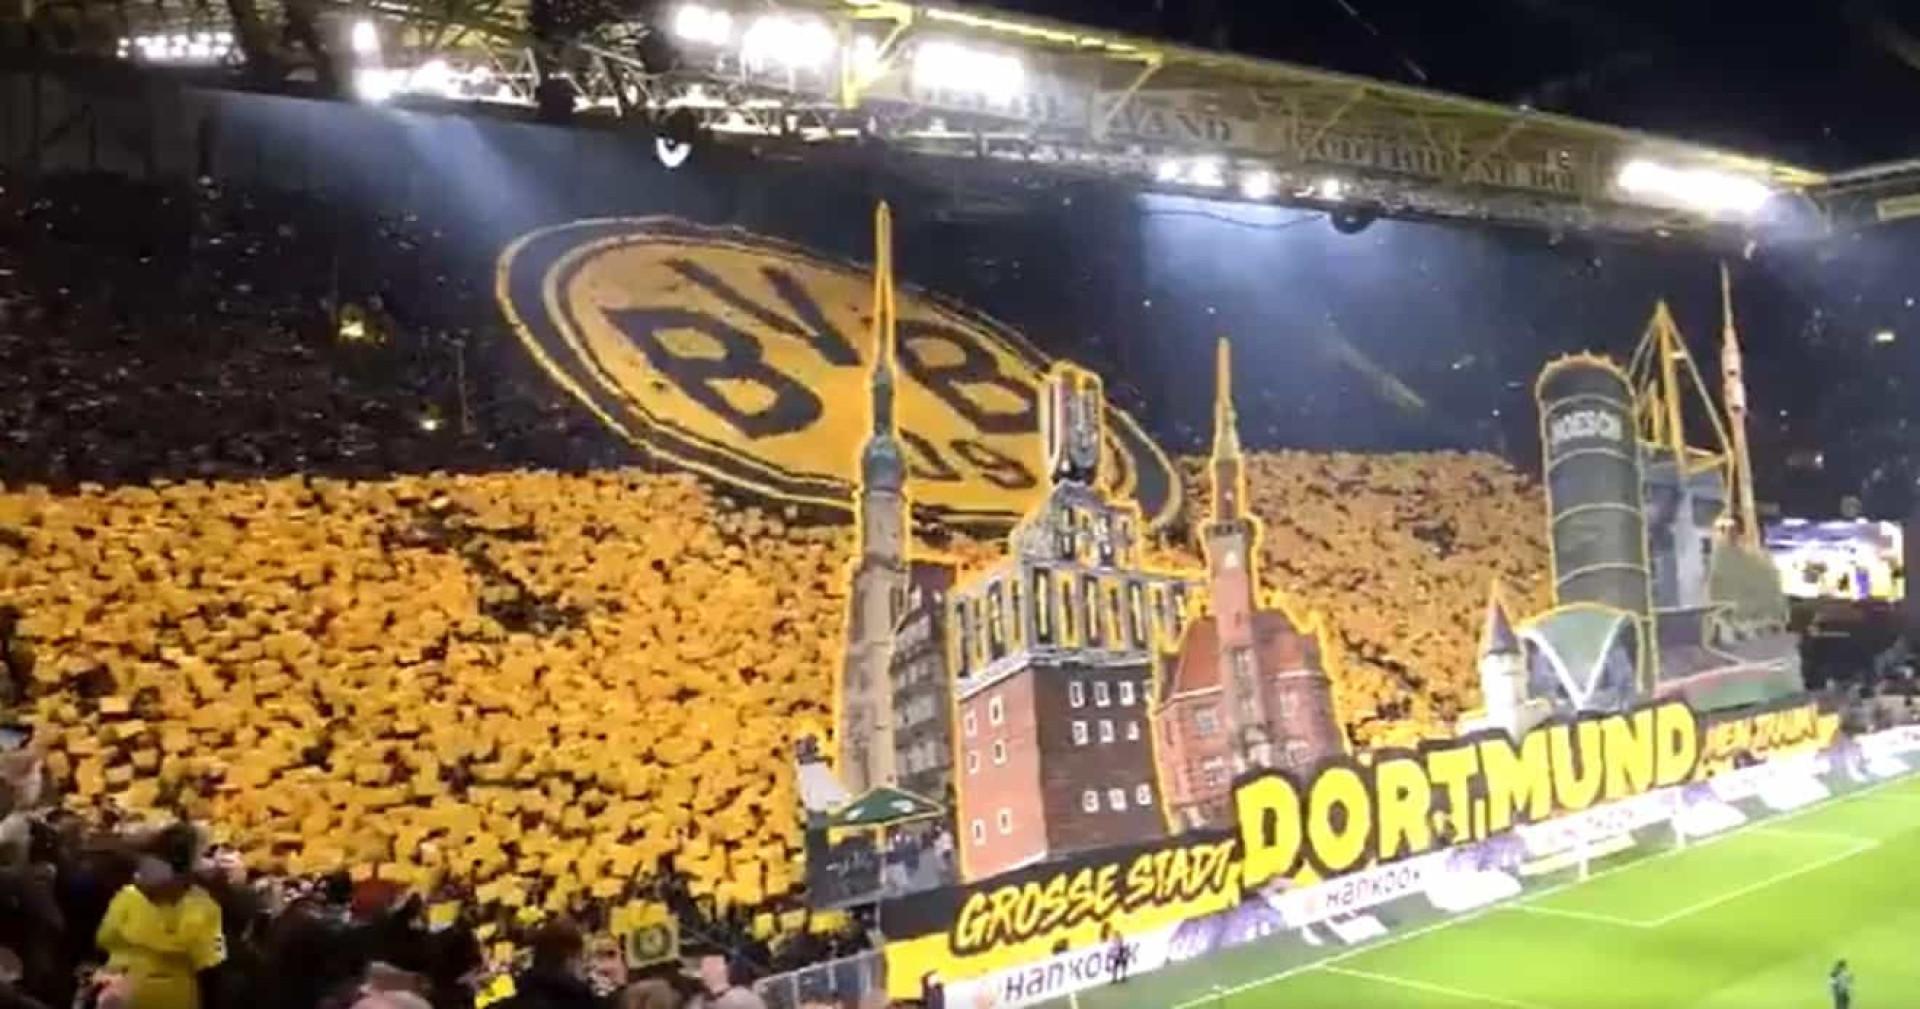 Incrível: Esta coreografia dos adeptos do Dortmund vai dar que falar